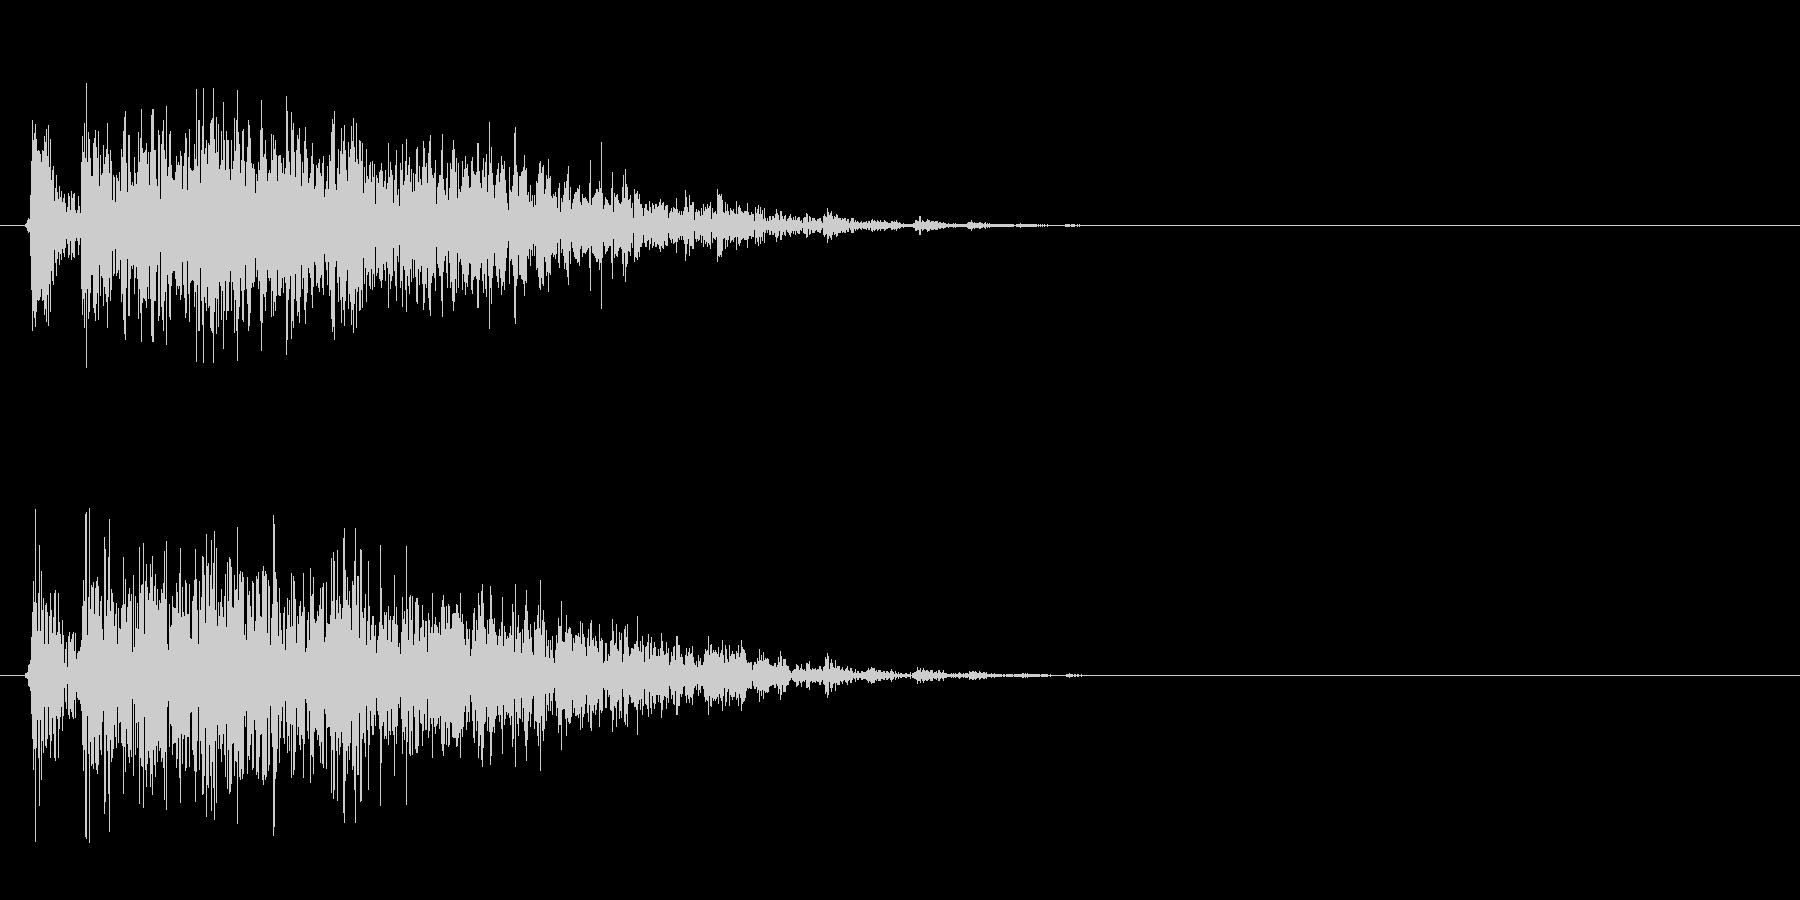 ギィィッ(床がきしむ音、ホラーゲーム)の未再生の波形